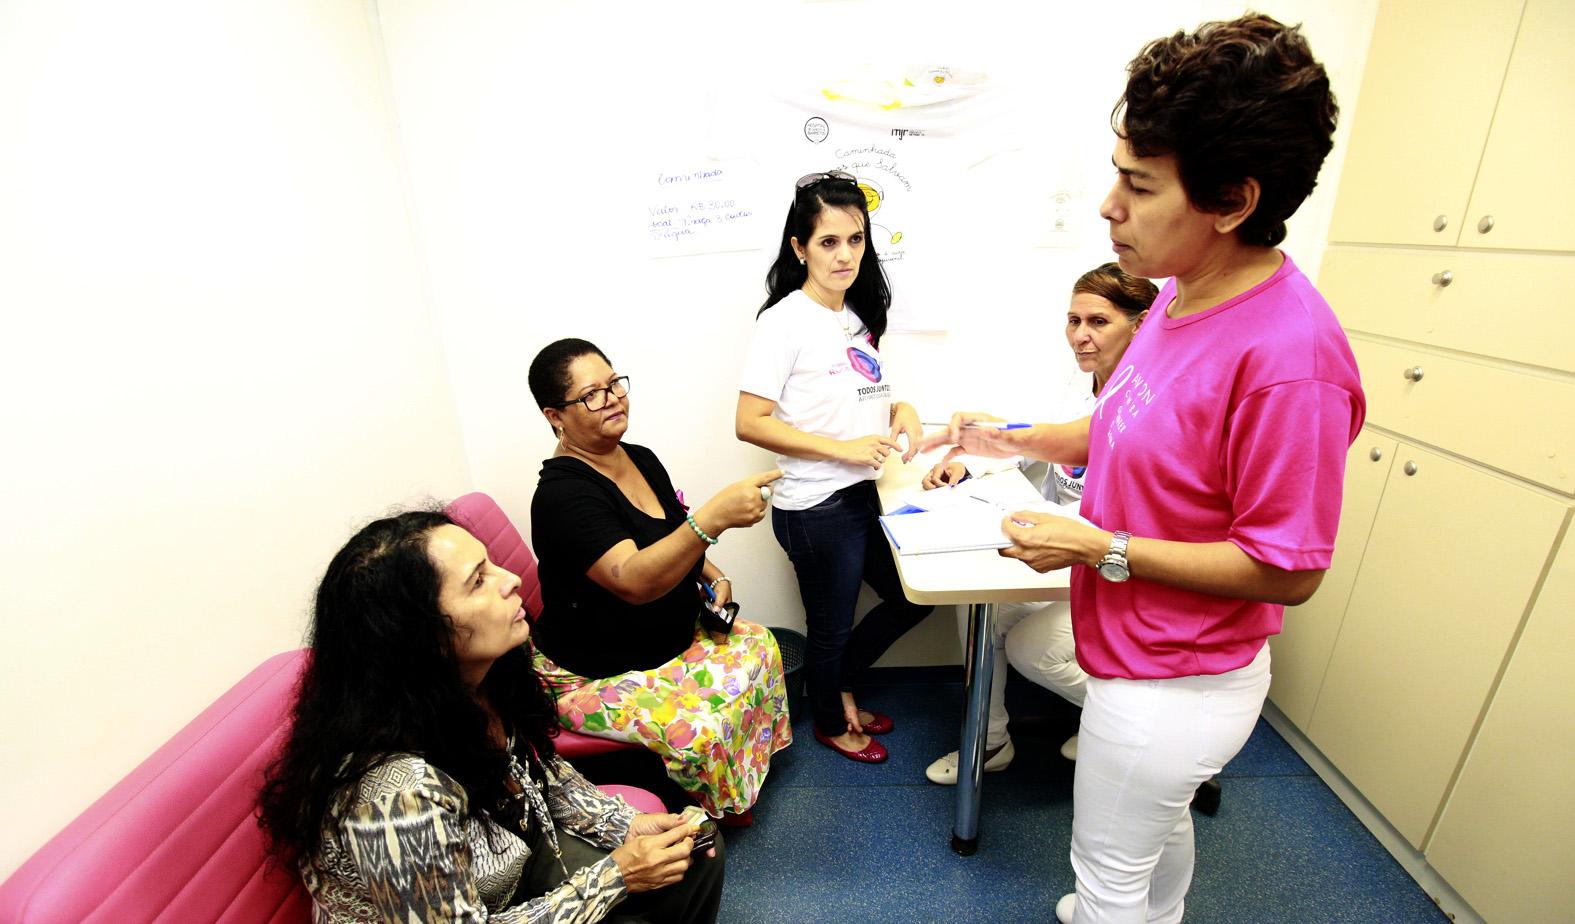 departamento-medico-da-ale-realiza-acoes-de-prevencao-ao-cancer-em-mulheres.jpg